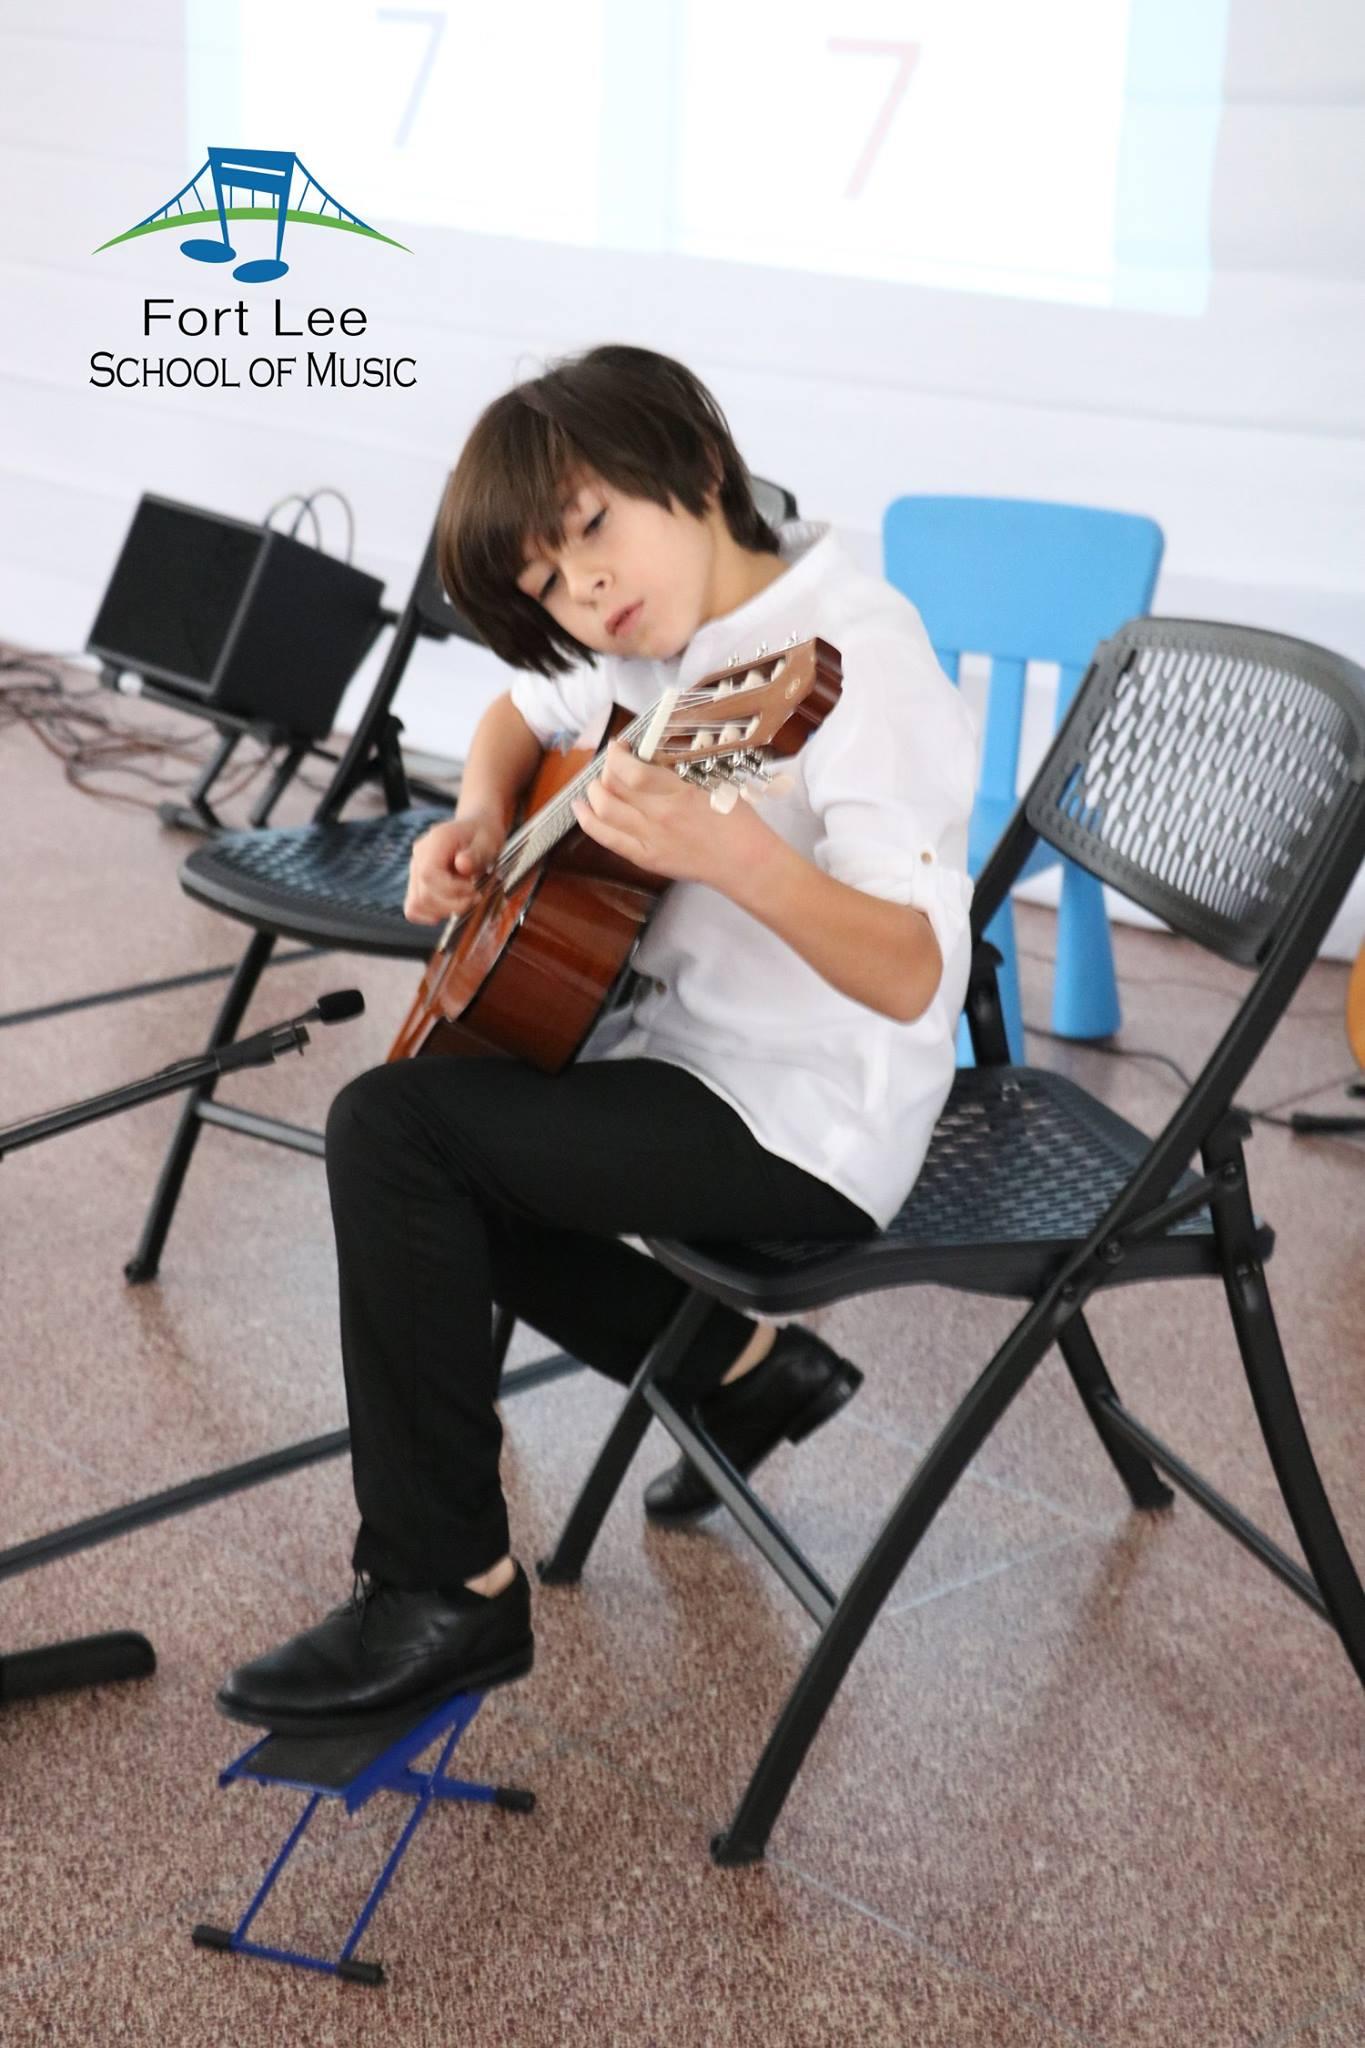 the-best-guitar-school-bergen-nj.jpg